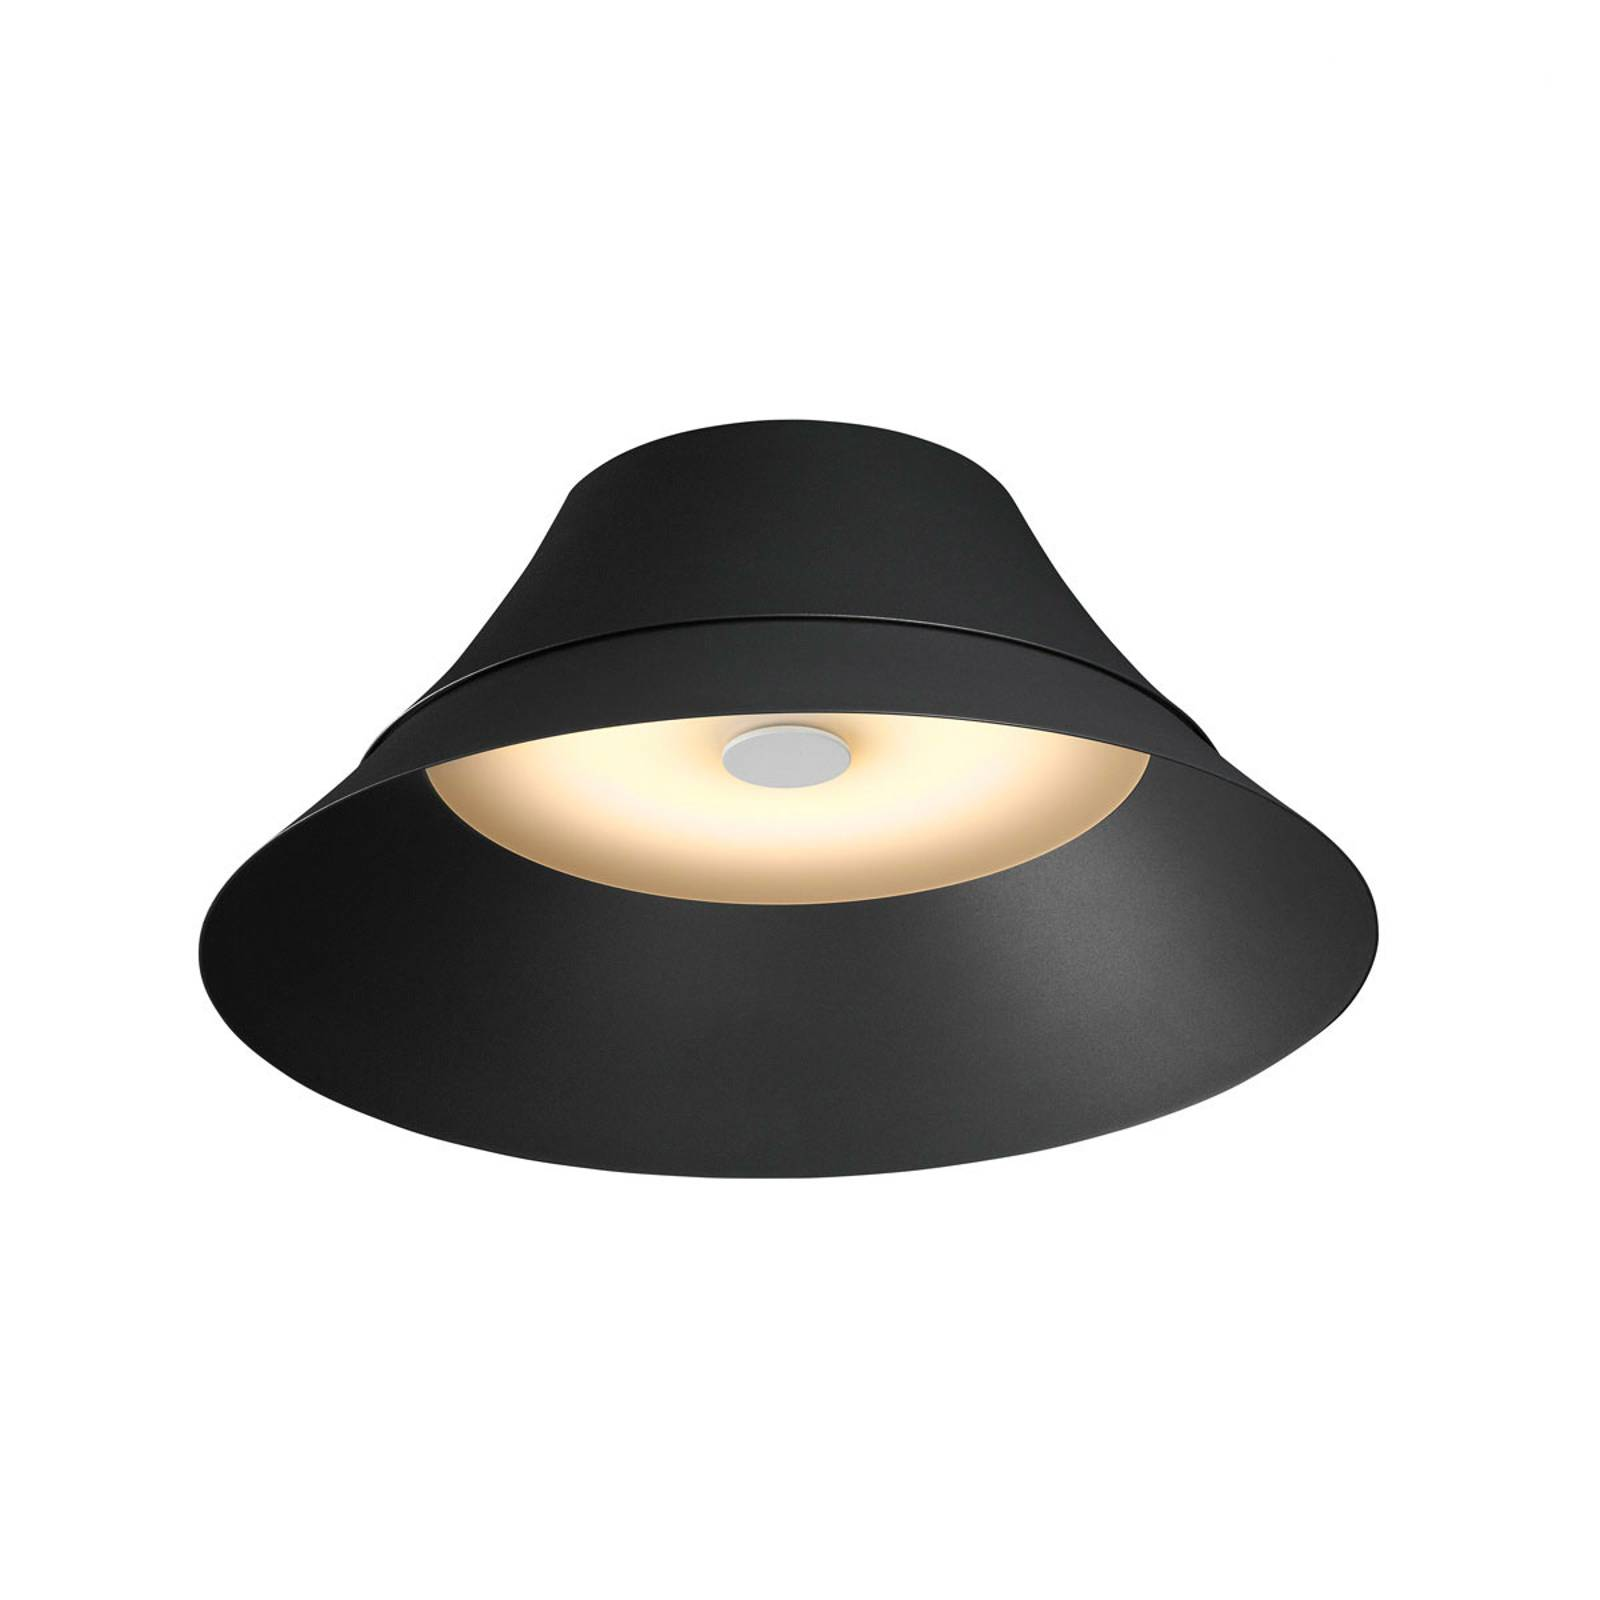 SLV Bato 45 lampa sufitowa LED czarna